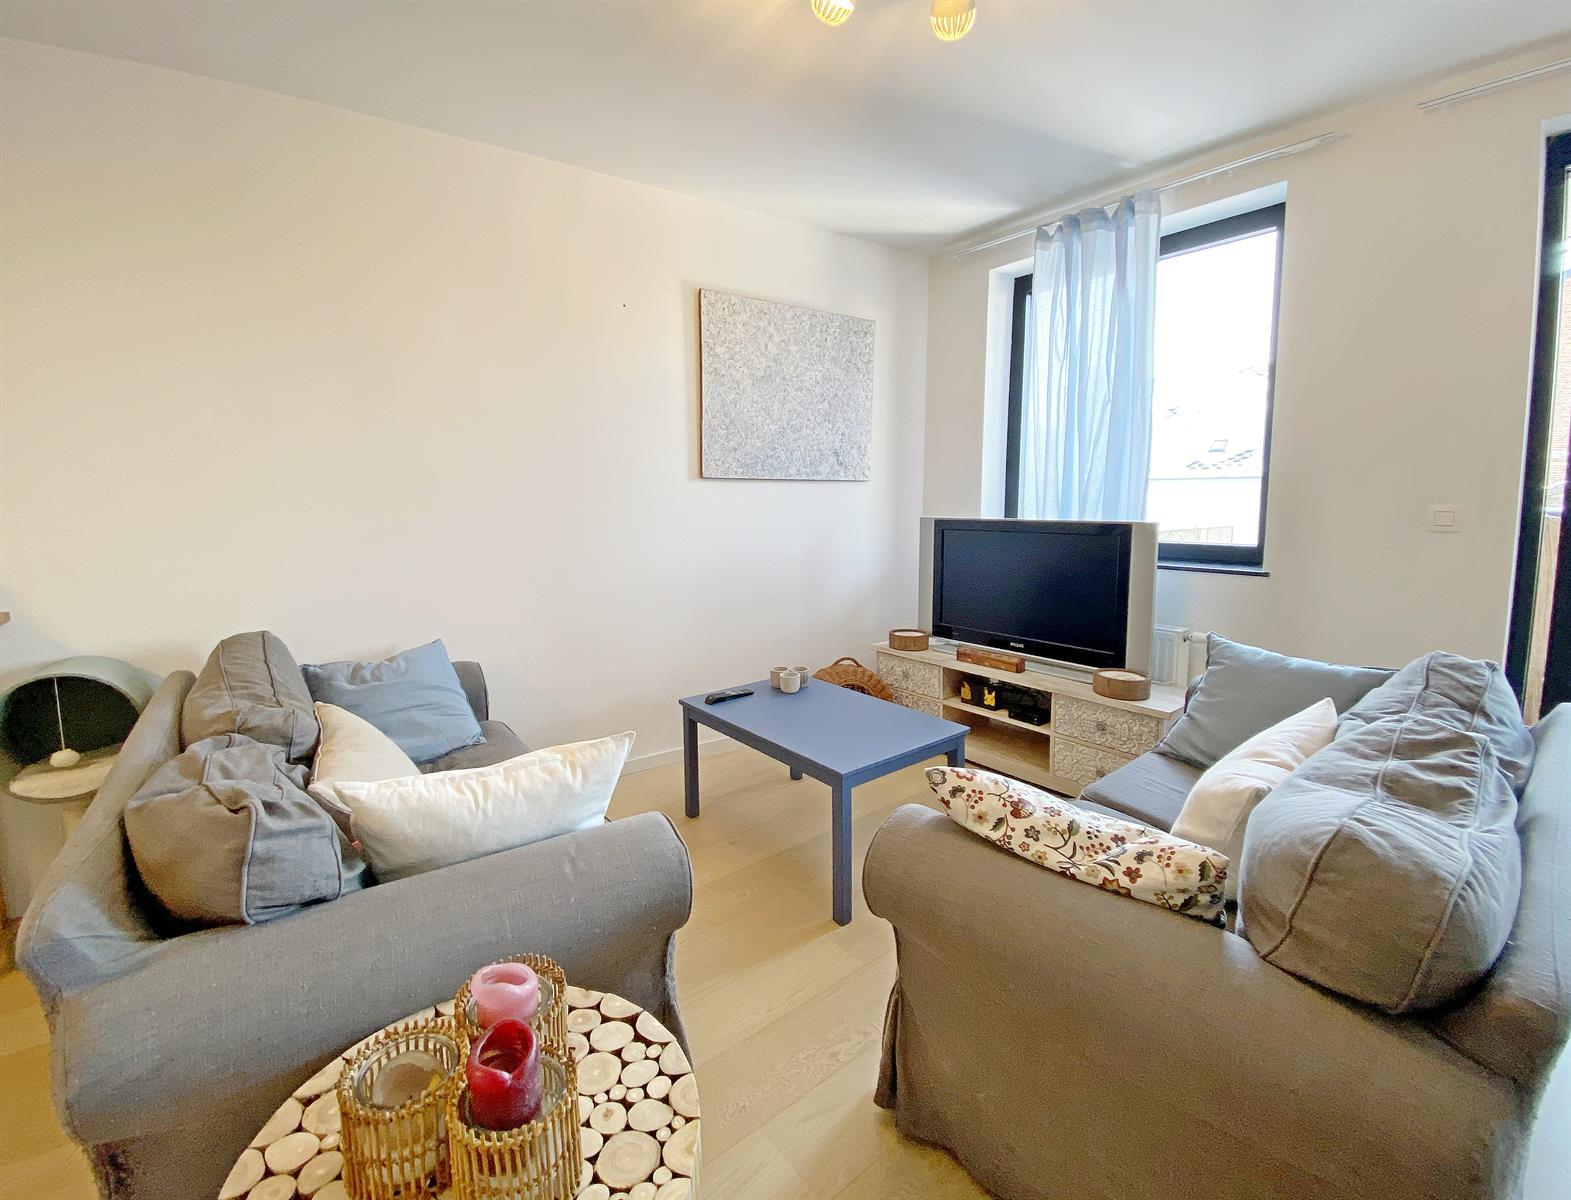 Appartement - Thorembais-Saint-Trond - #4281711-3